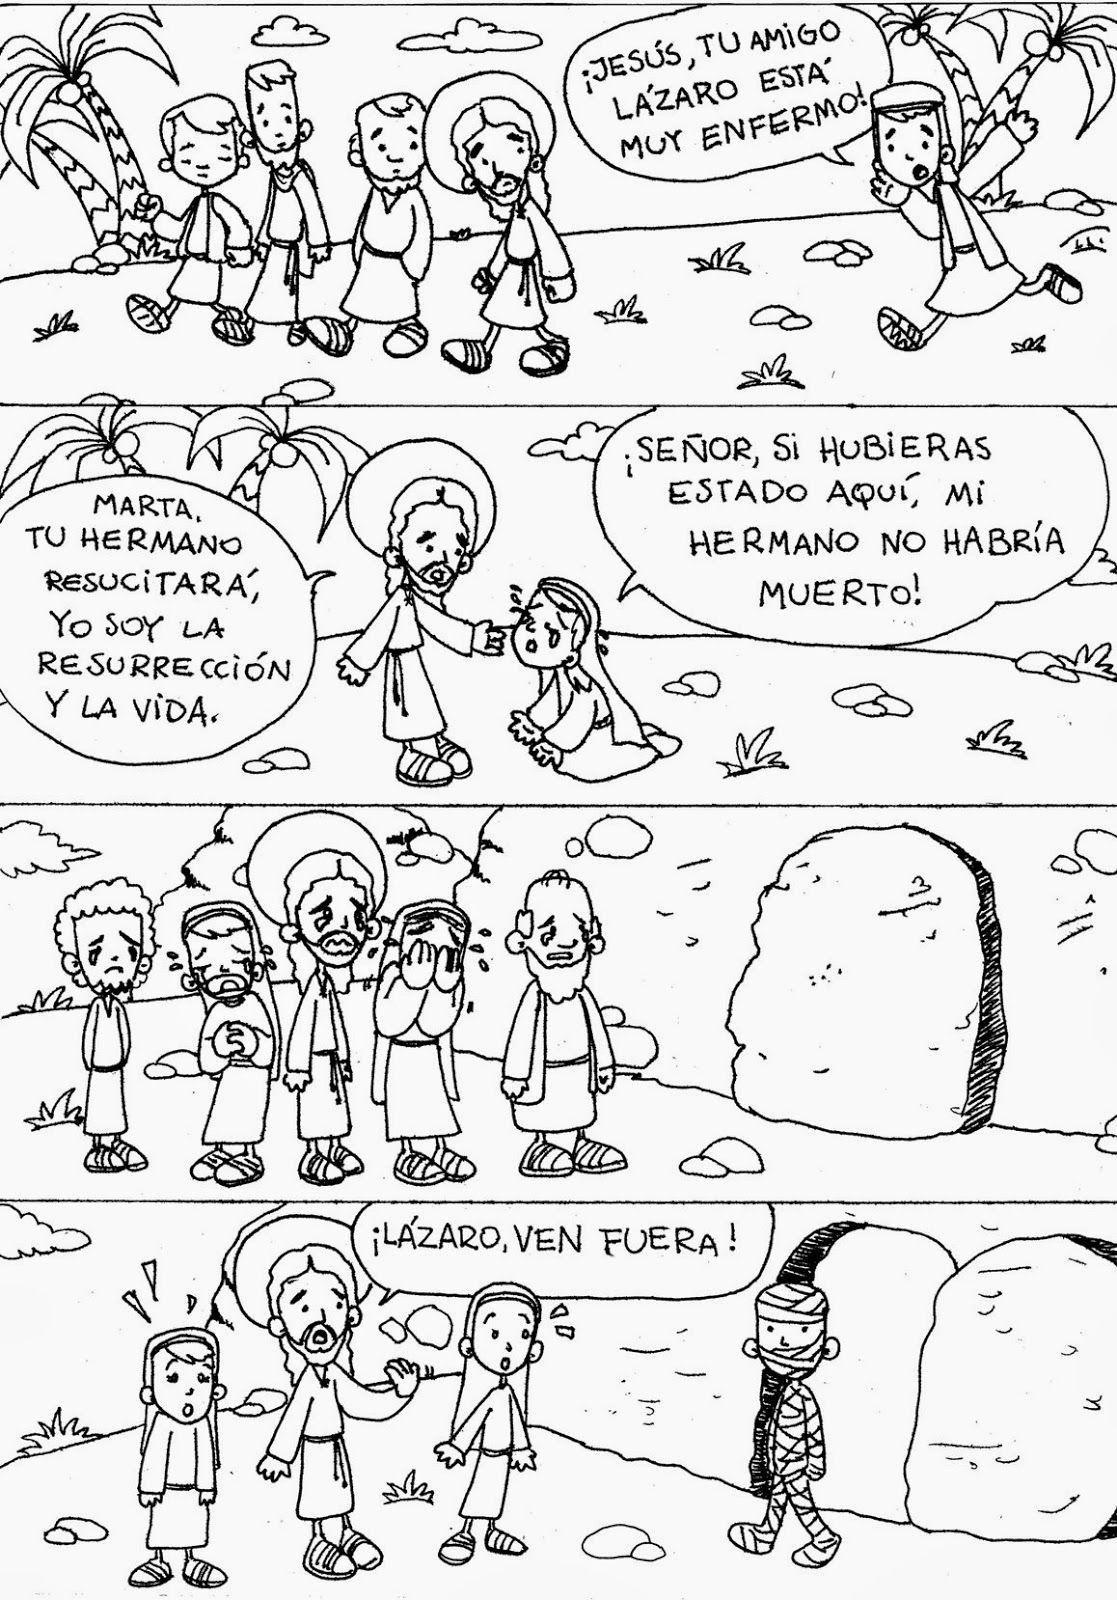 Jesús Resucita A Lázaro Milagros De Jesús Catequesis Historias De La Biblia Para Niños